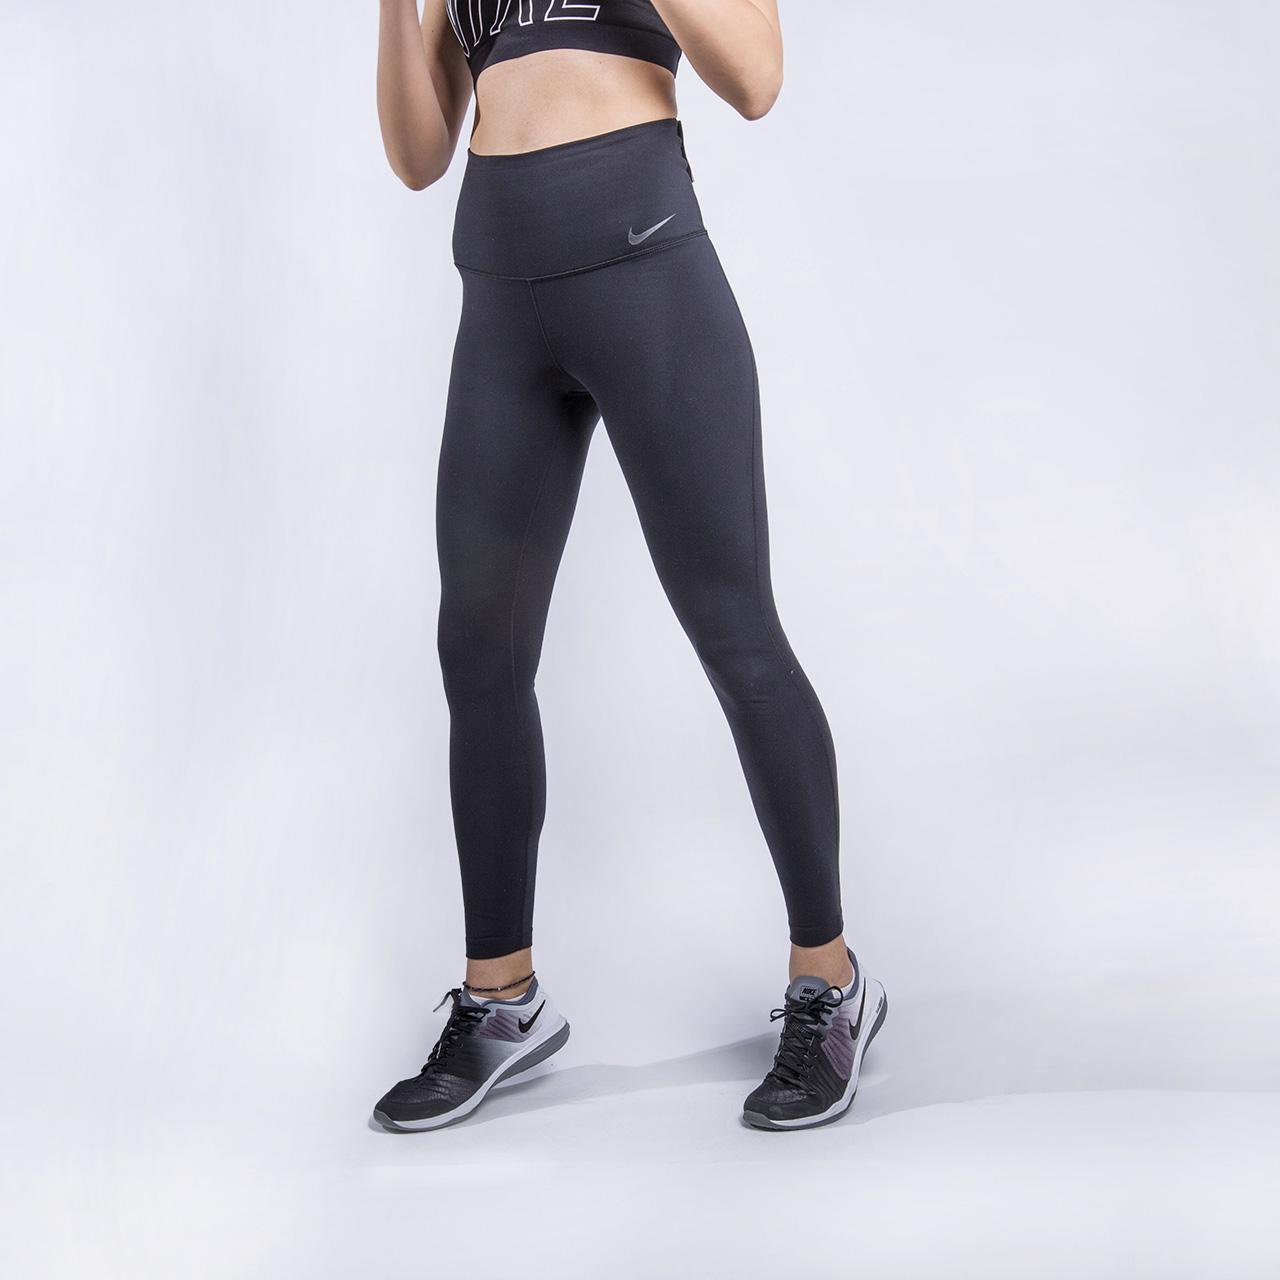 Тайтсы для тренинга Nike NK PWR TGHT Hi Rise